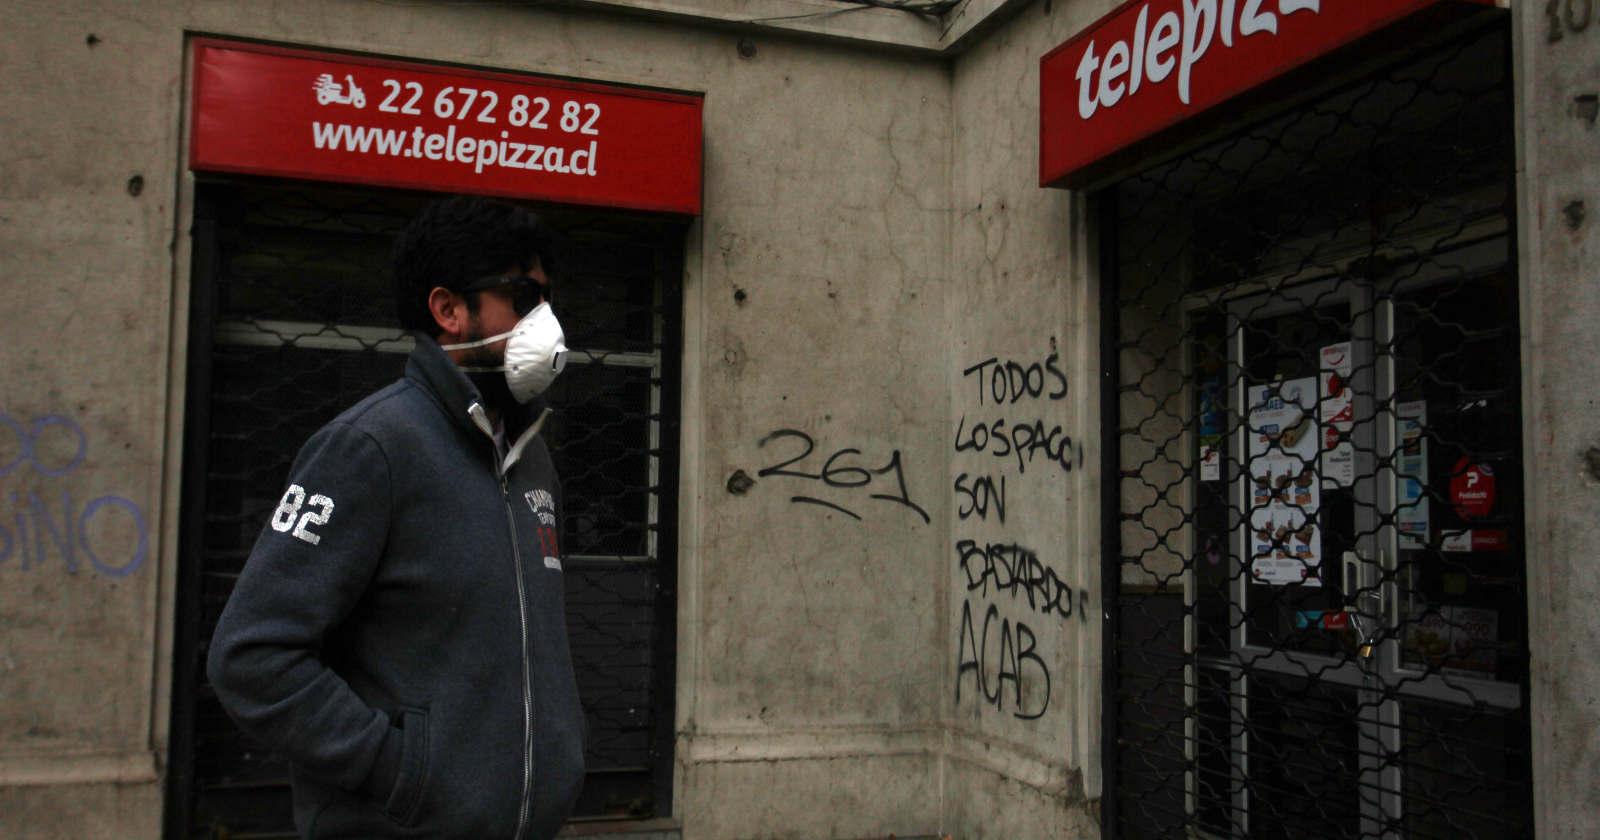 Crisis de las empresas en pandemia: claves para retomar el crecimiento y reactivar la industria